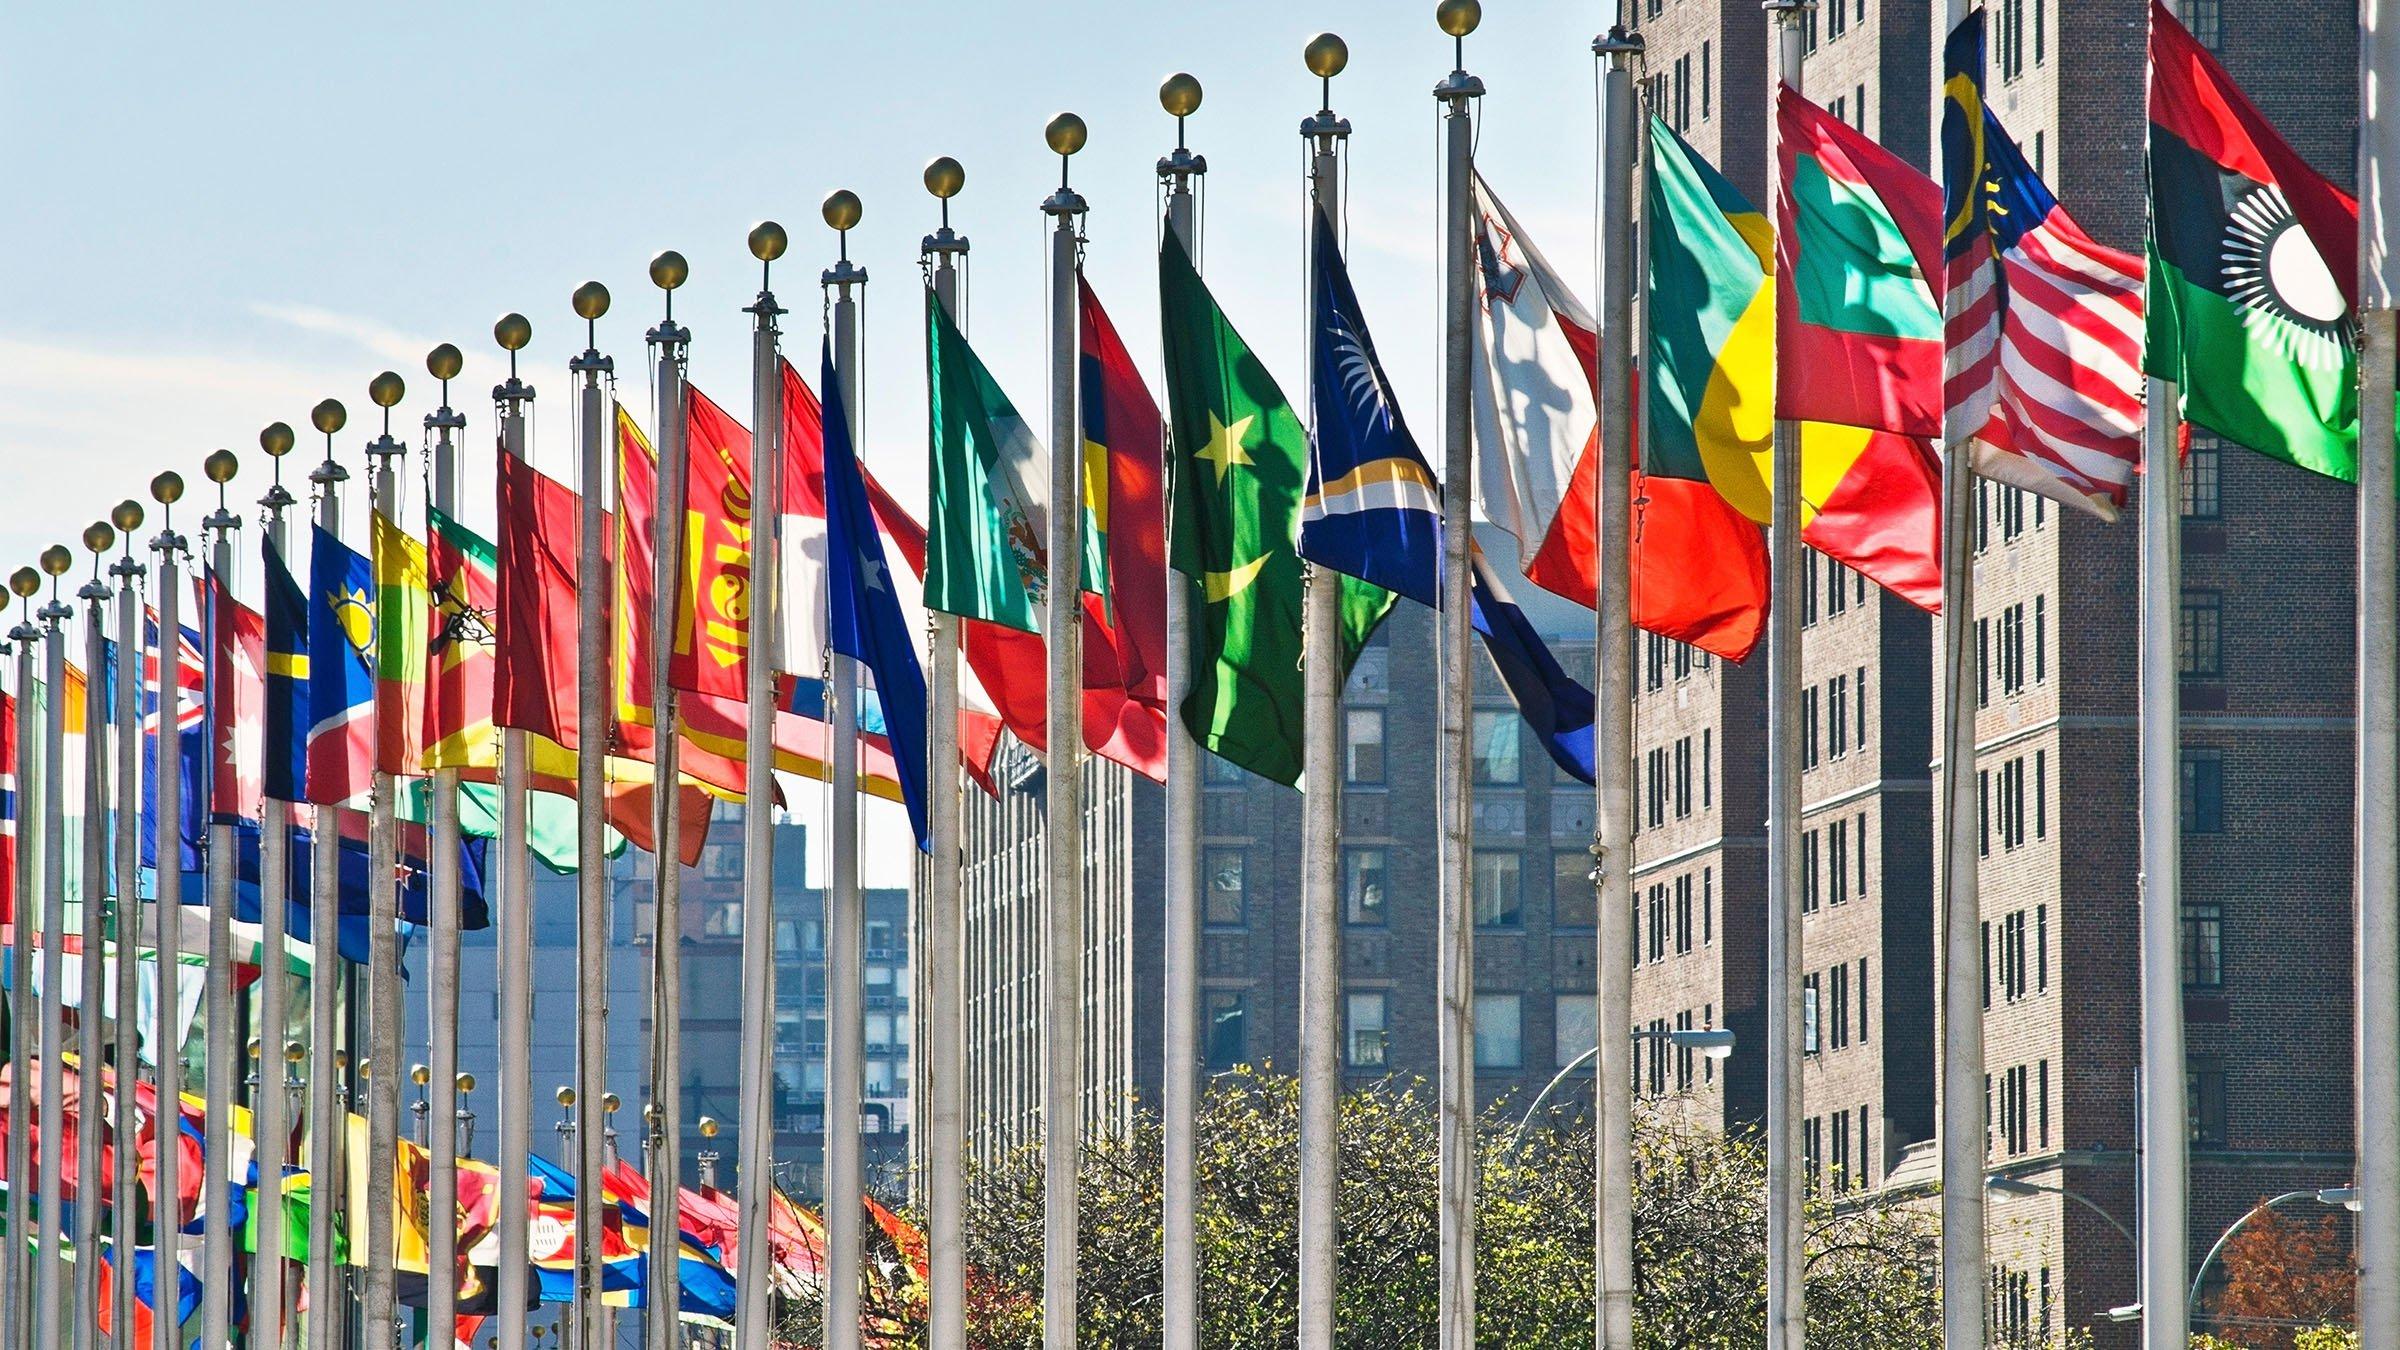 Banderas de países que contienen estrellas